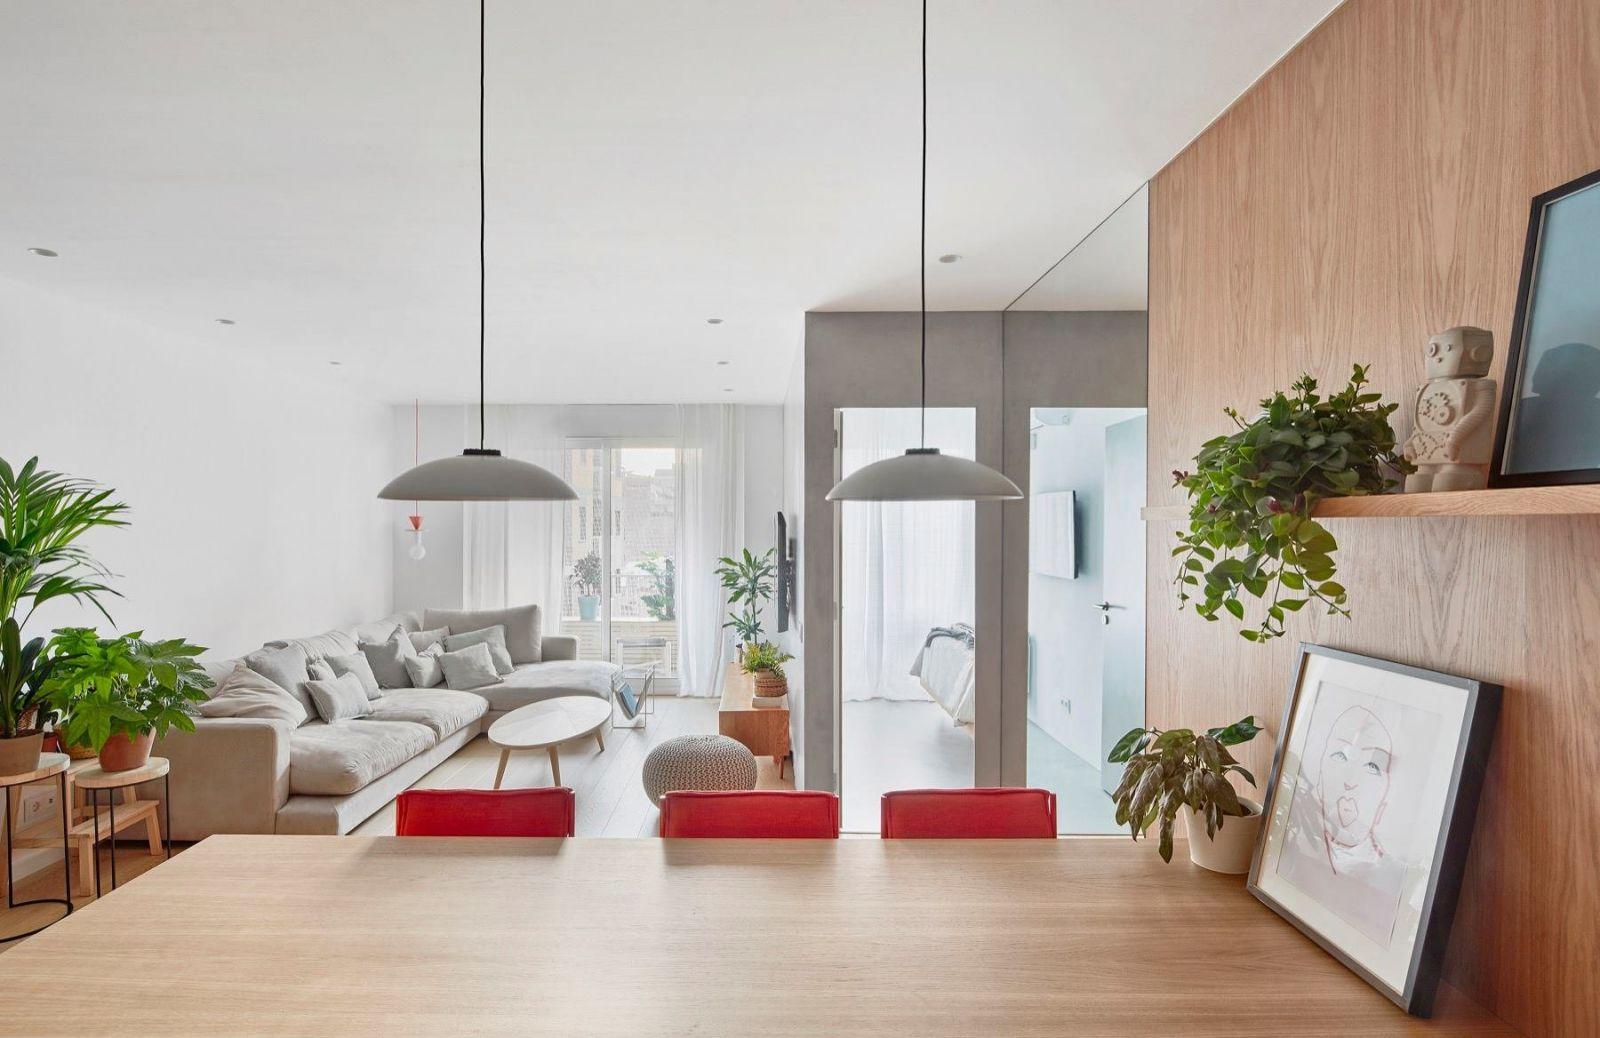 Благодаря панорамному остеклению в квартире много естественного света